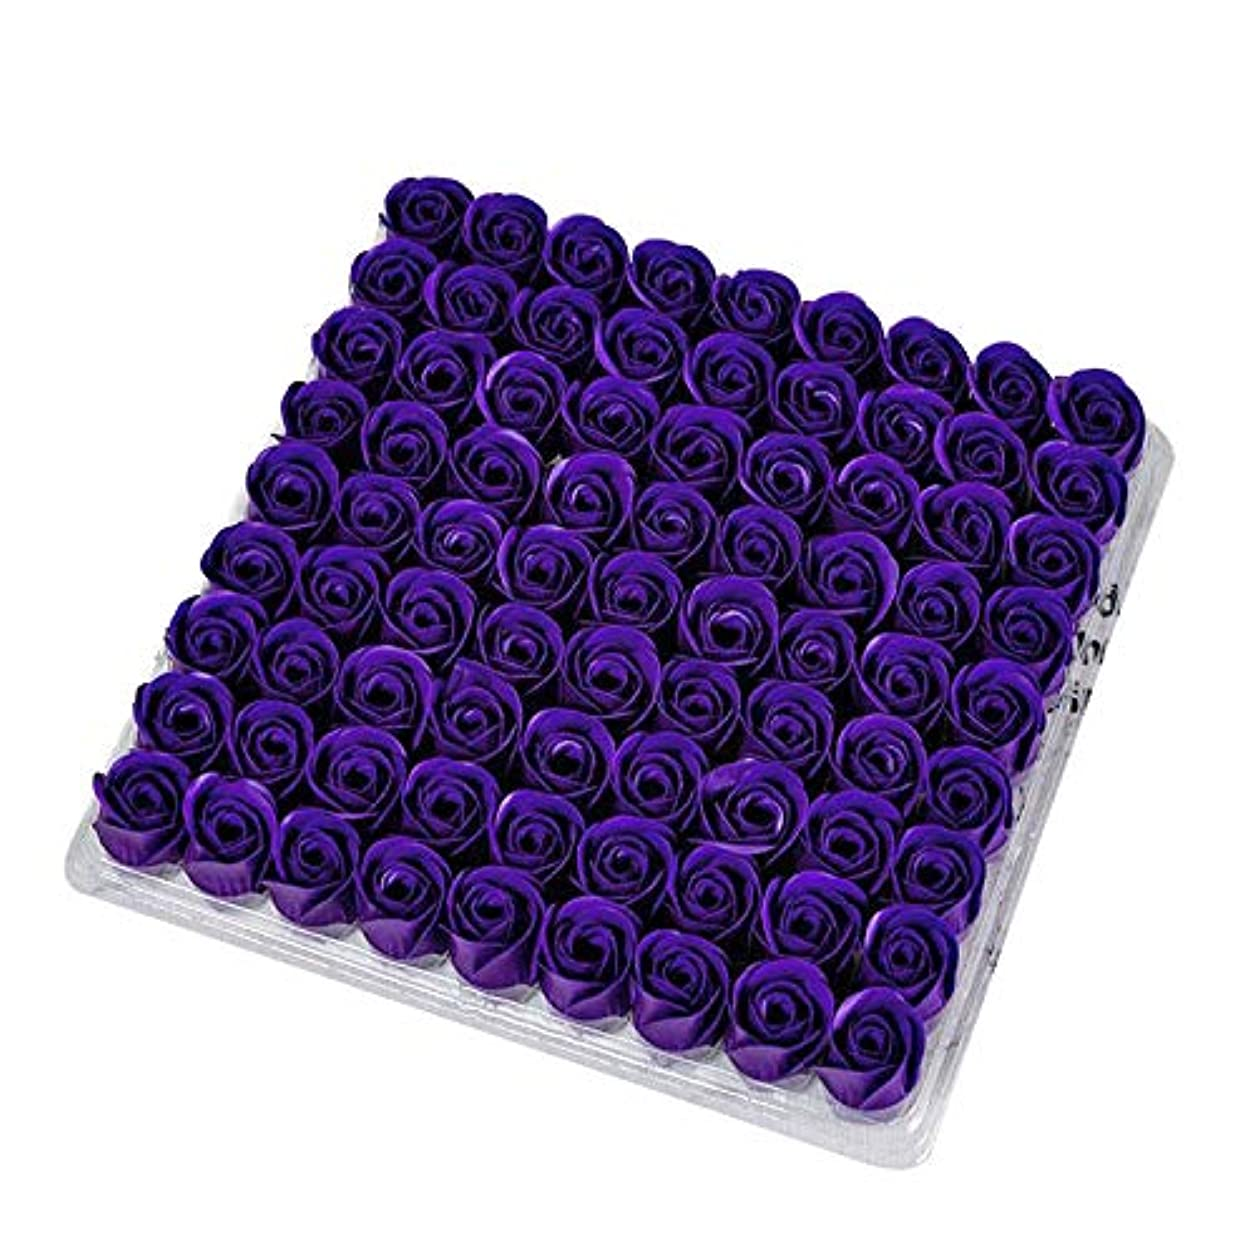 返還淡い凶暴なGaoominy 81個の薔薇、バス ボディ フラワー?フローラルの石けん 香りのよいローズフラワー エッセンシャルオイル フローラルのお客様への石鹸 ウェディング、パーティー、バレンタインデーの贈り物、紫色